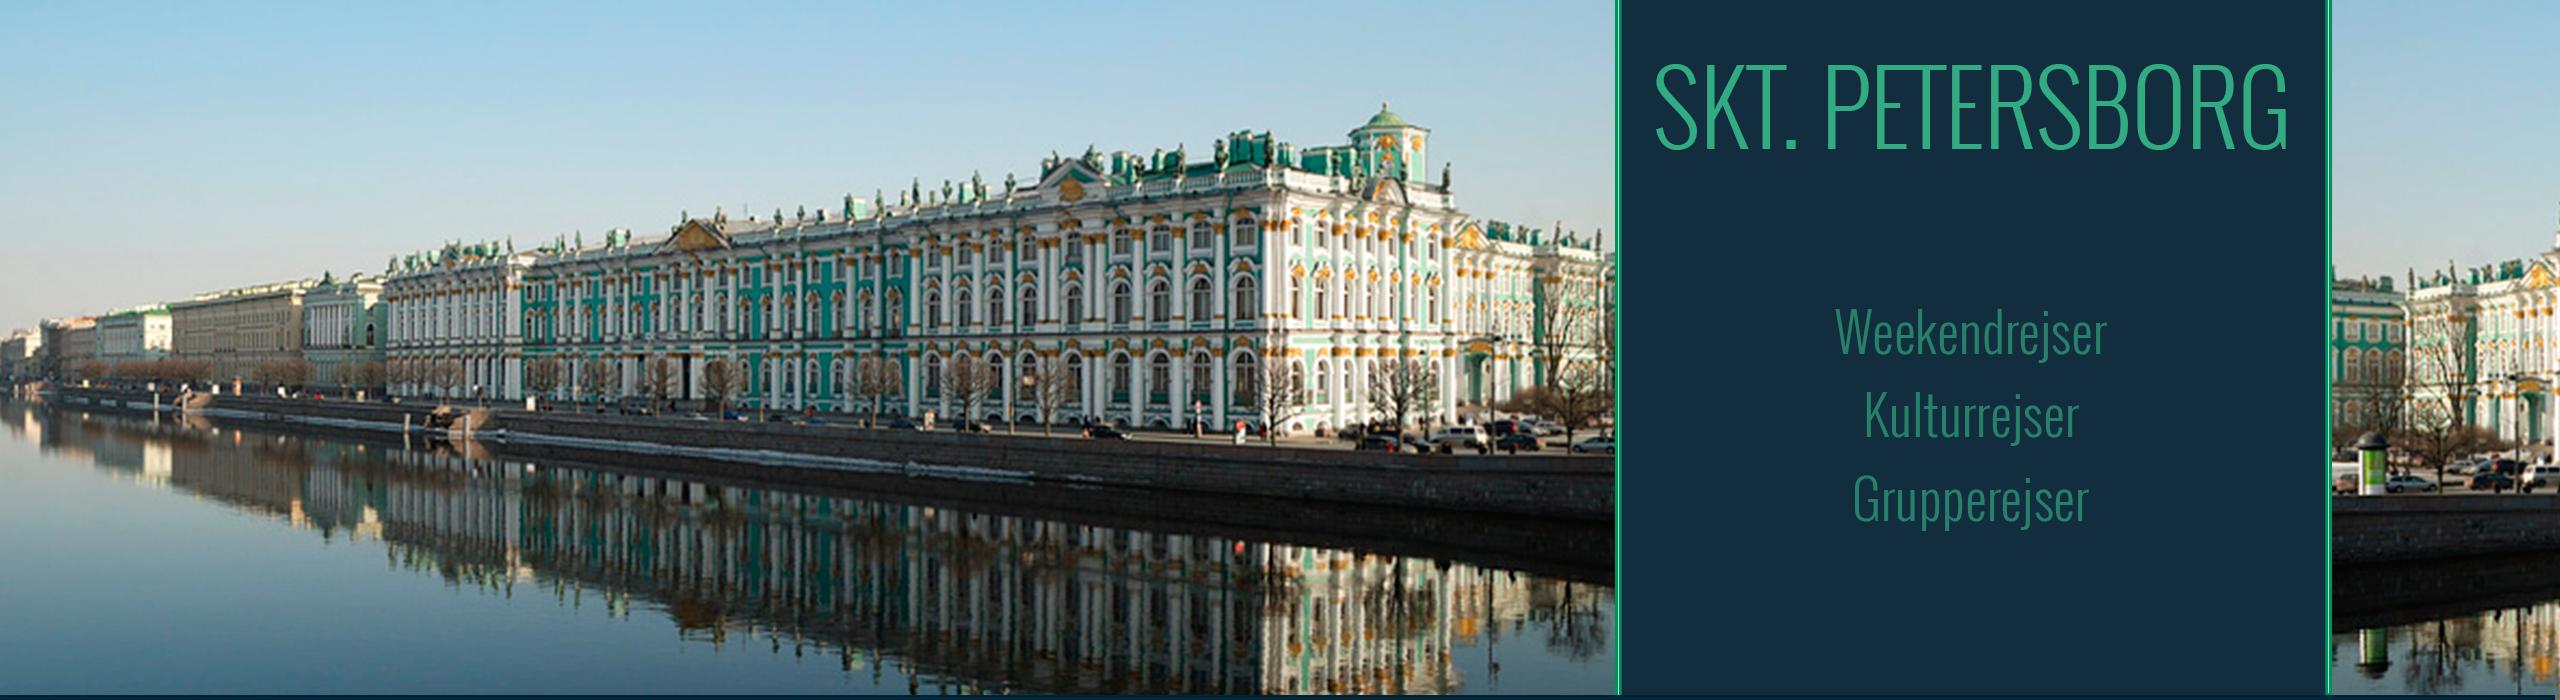 Rejser til Skt. Petersborg<br>